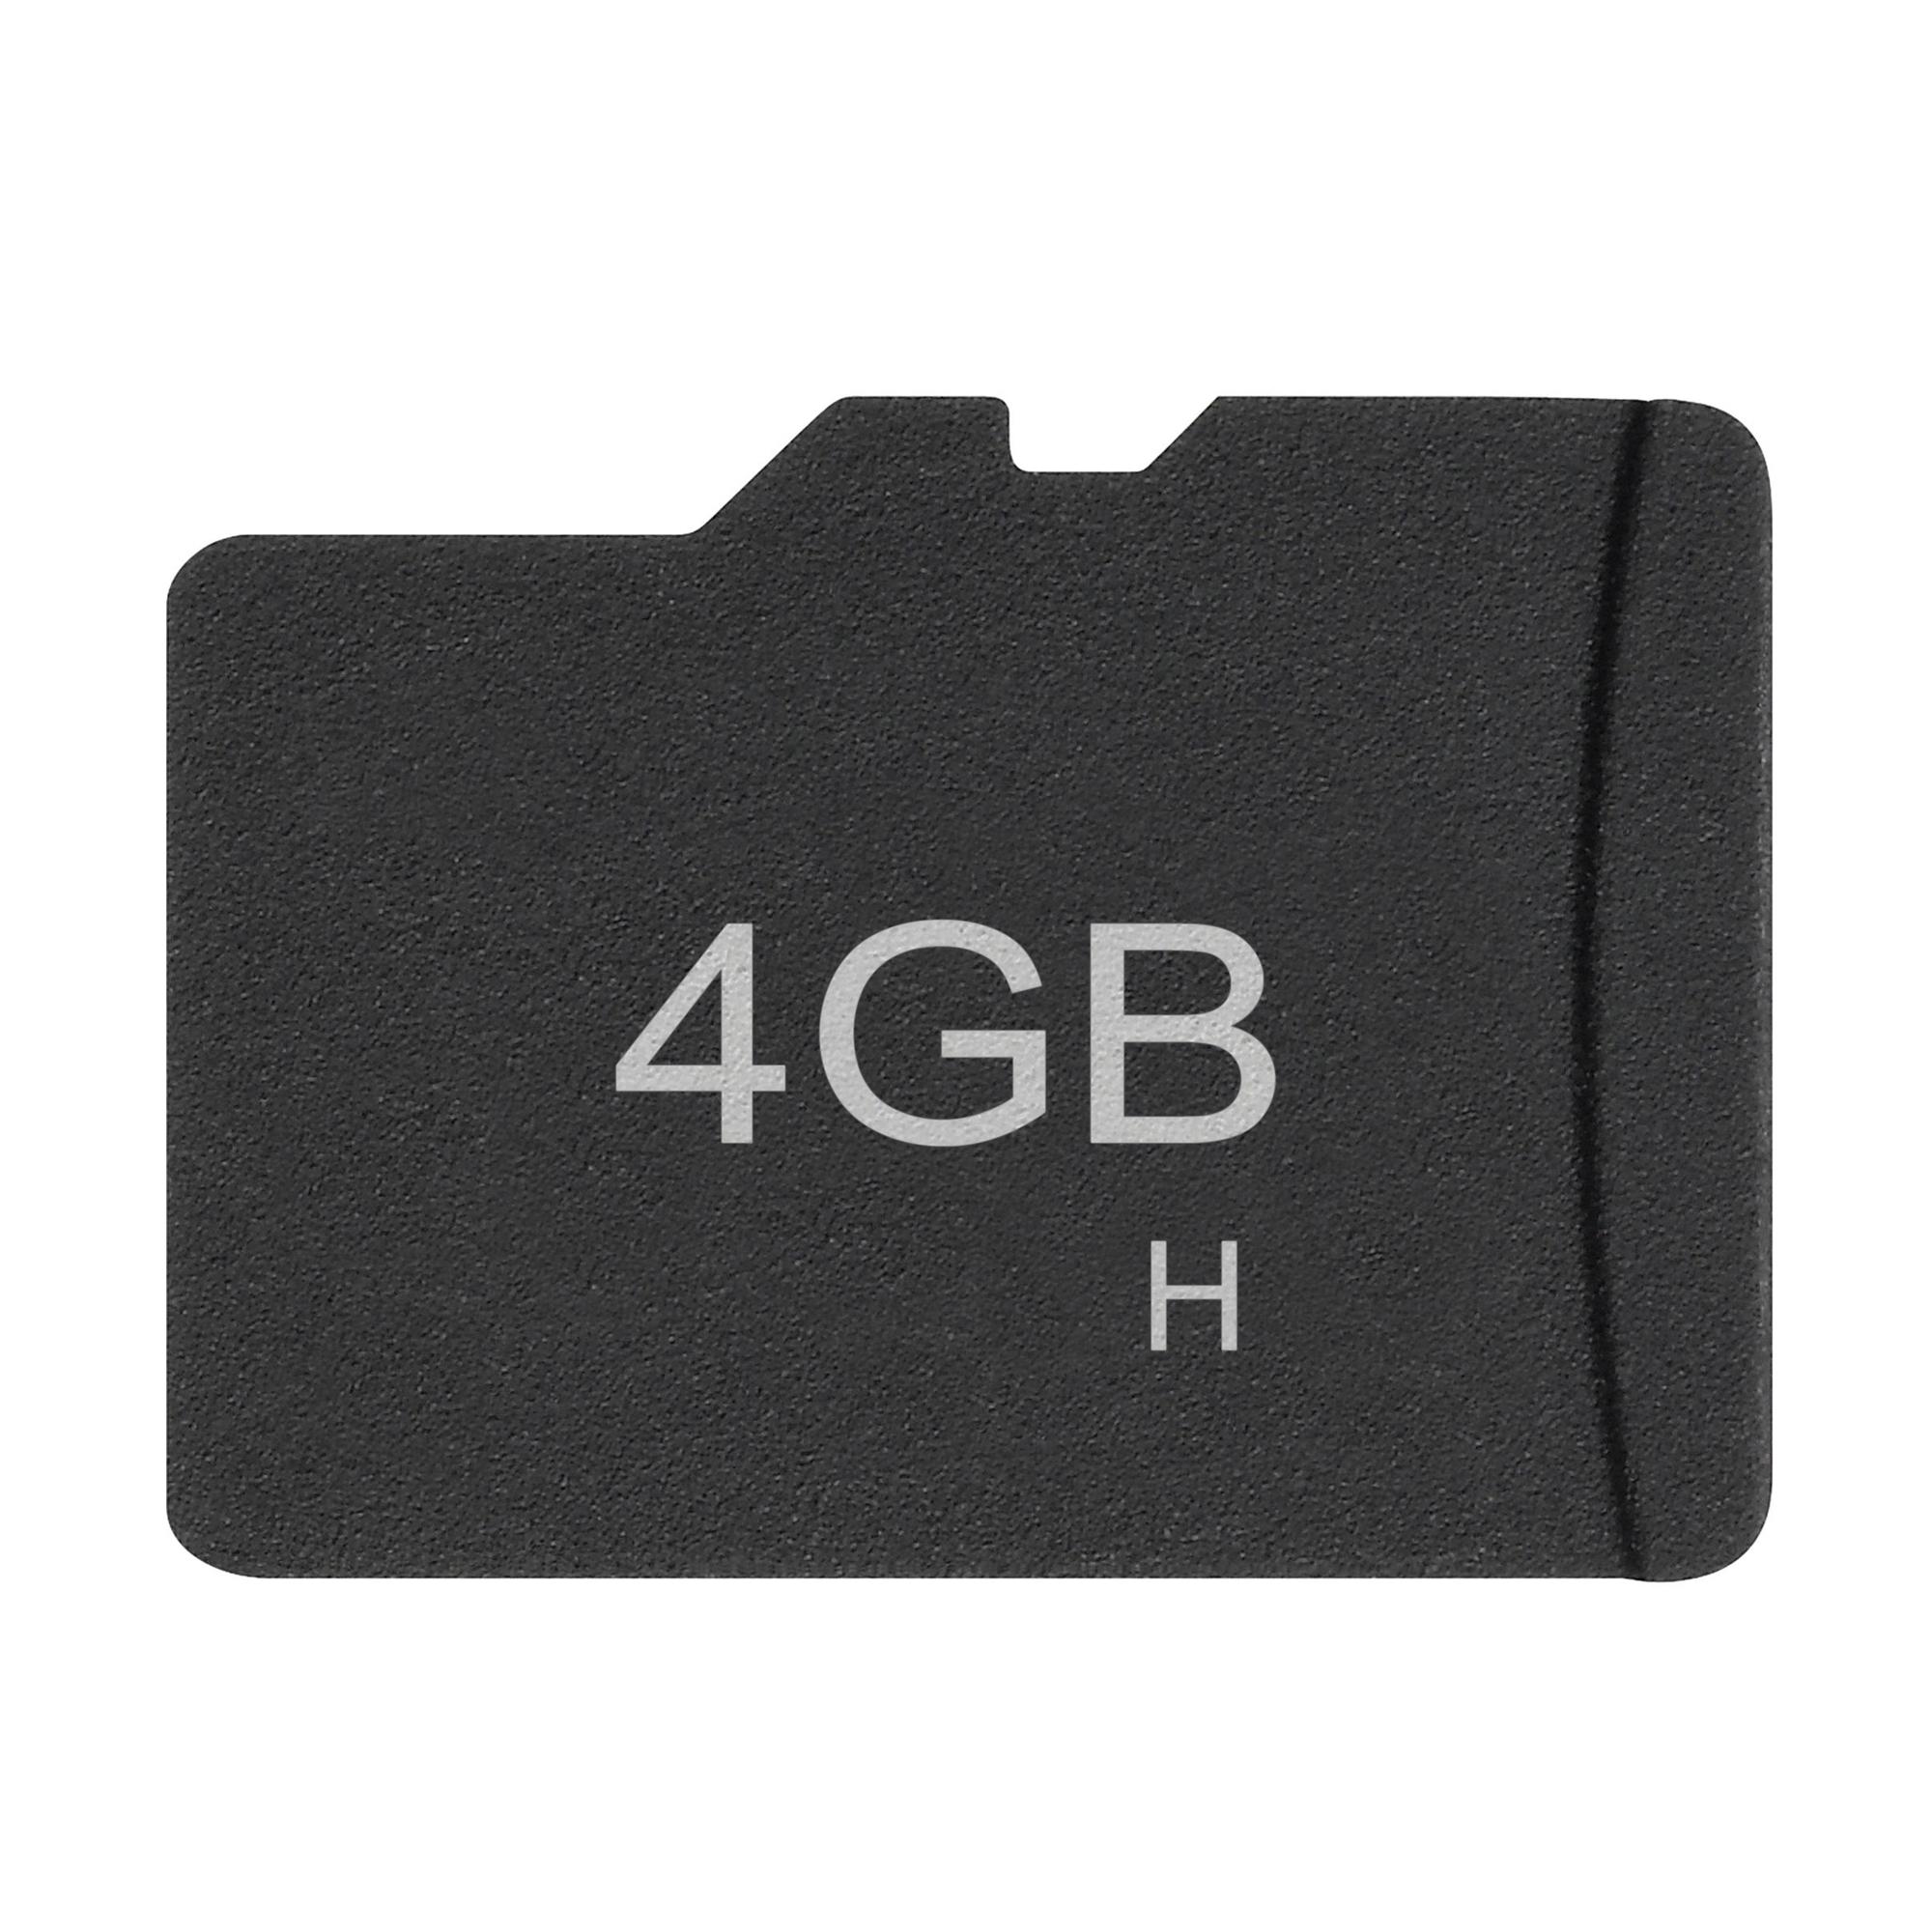 کارت حافظه microSDHC مدل PLF-Q5 کلاس 6 استاندارد UHS-I U1 سرعت 25MBps ظرفیت 4 گیگابایت